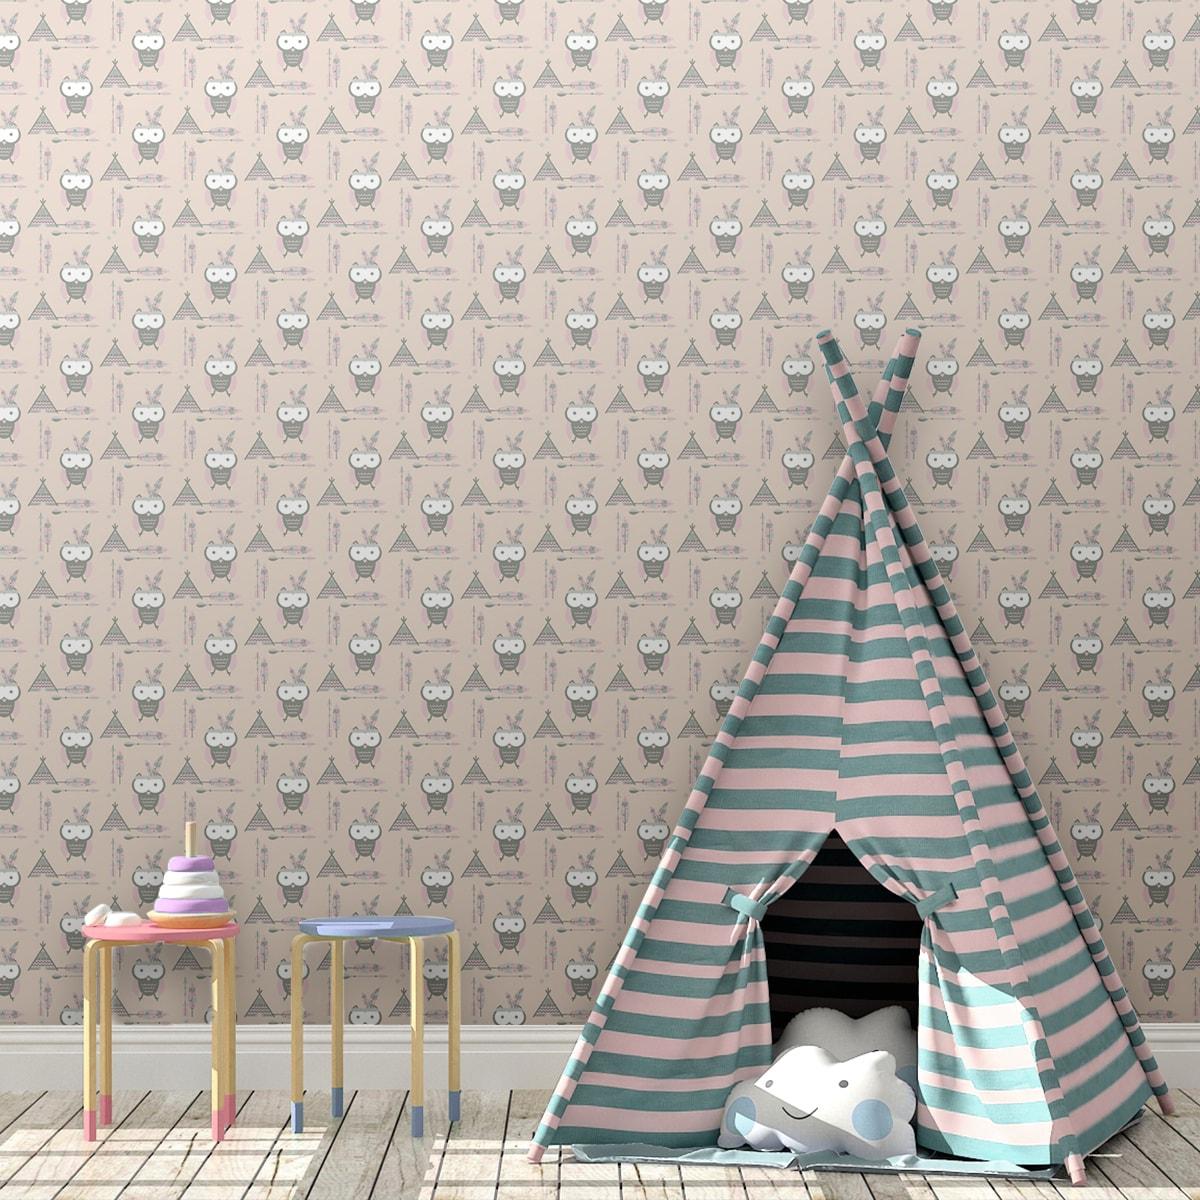 Wandtapete creme: Indianer Eulen Kindertapete mit Federn in beige - Design Tapete für Babyzimmer